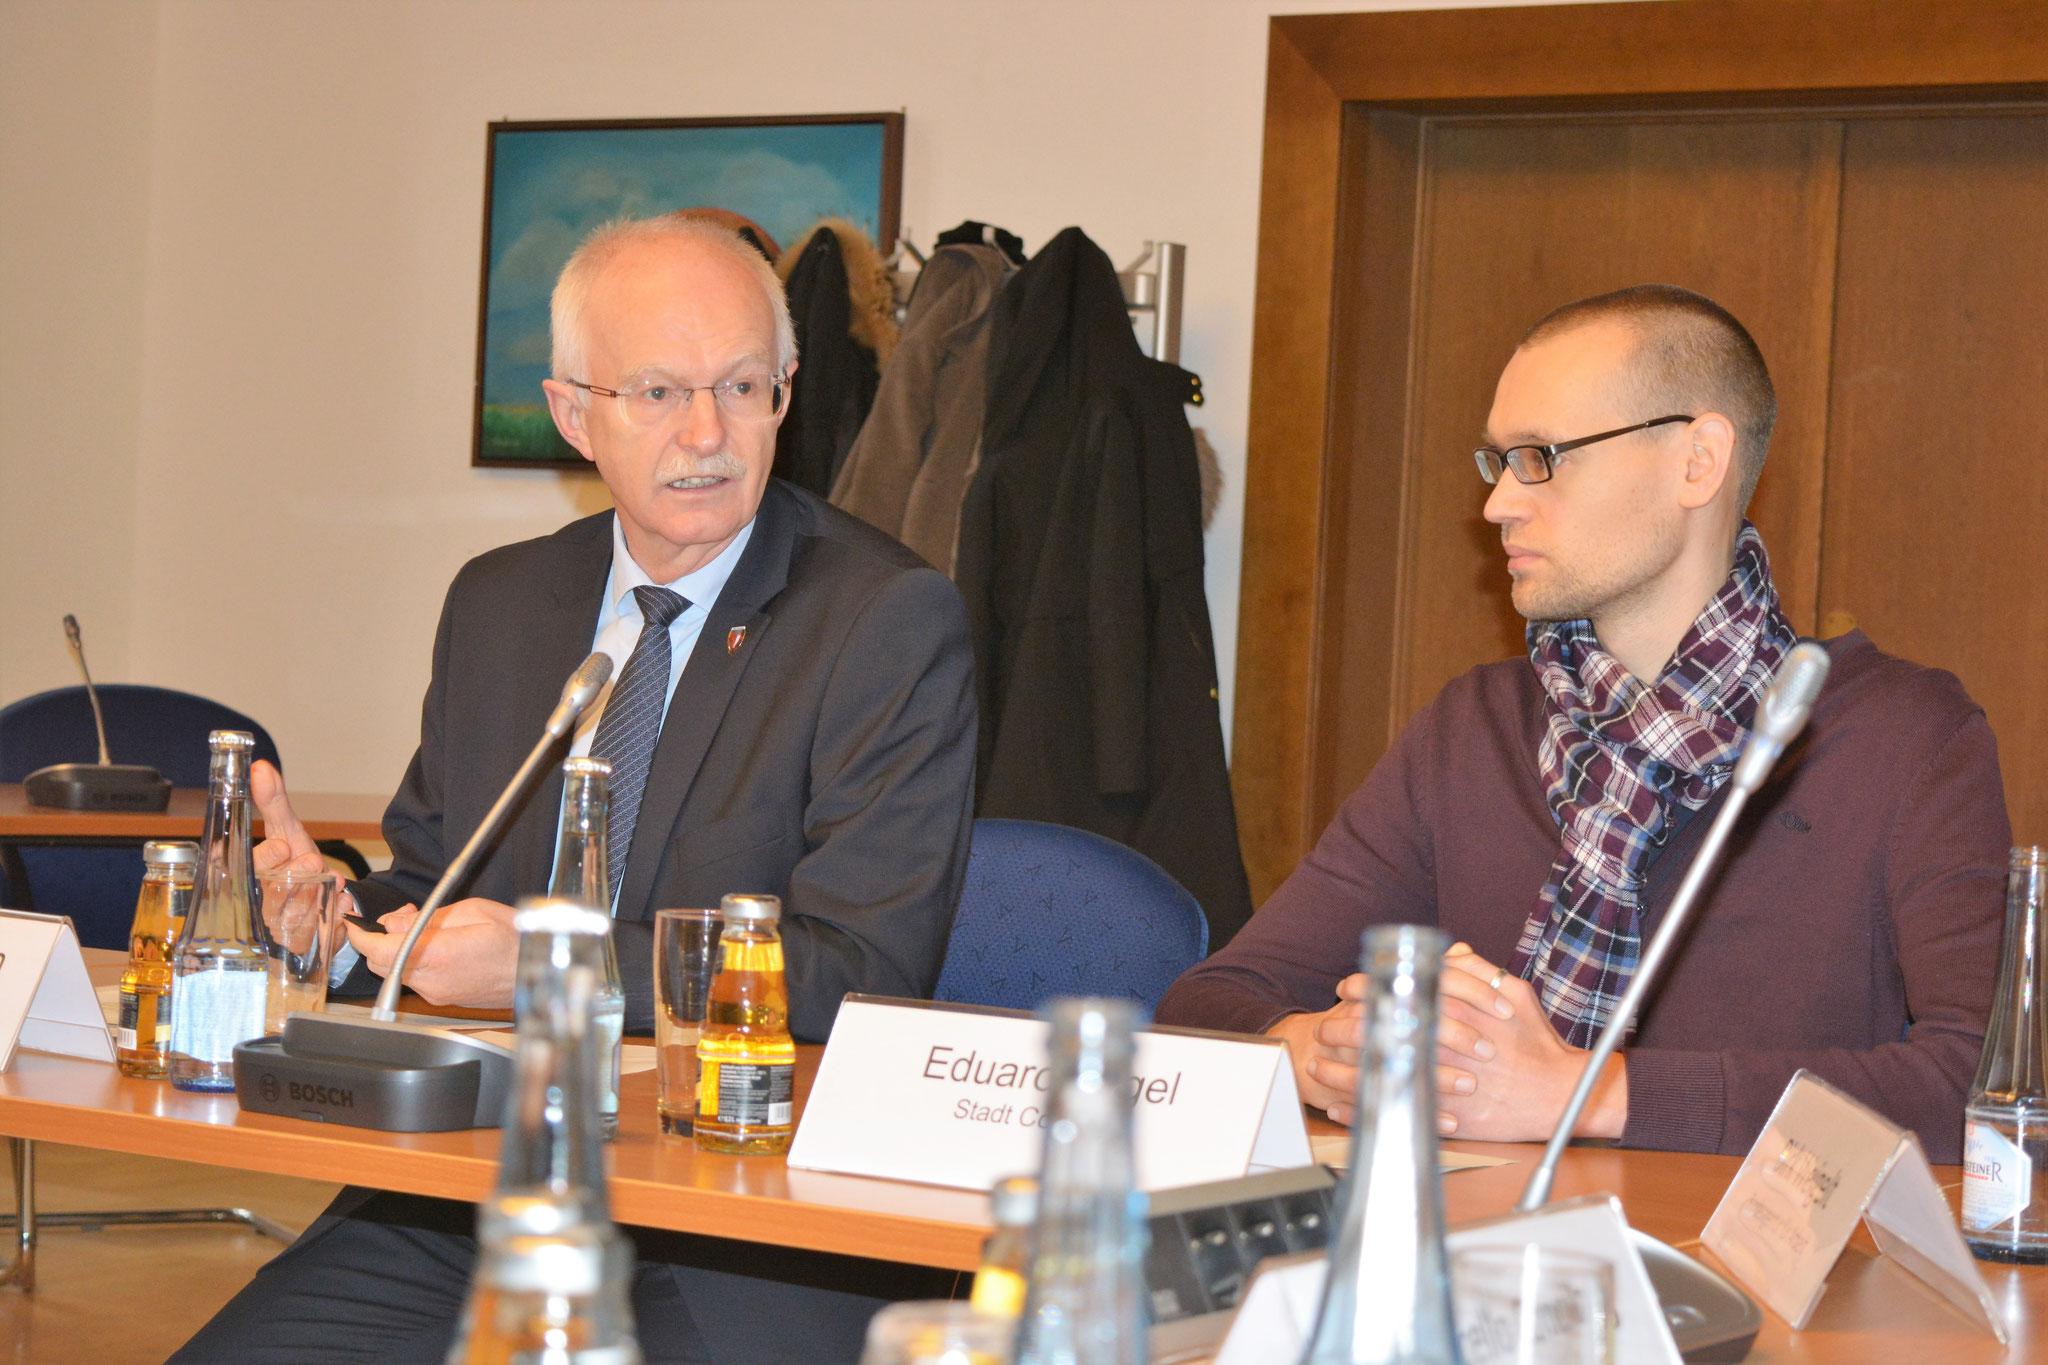 Coesfelds Bürgermeister Heinz Öhmann stellt Eduard Nagel als Jobcoach vor. Foto: wfc